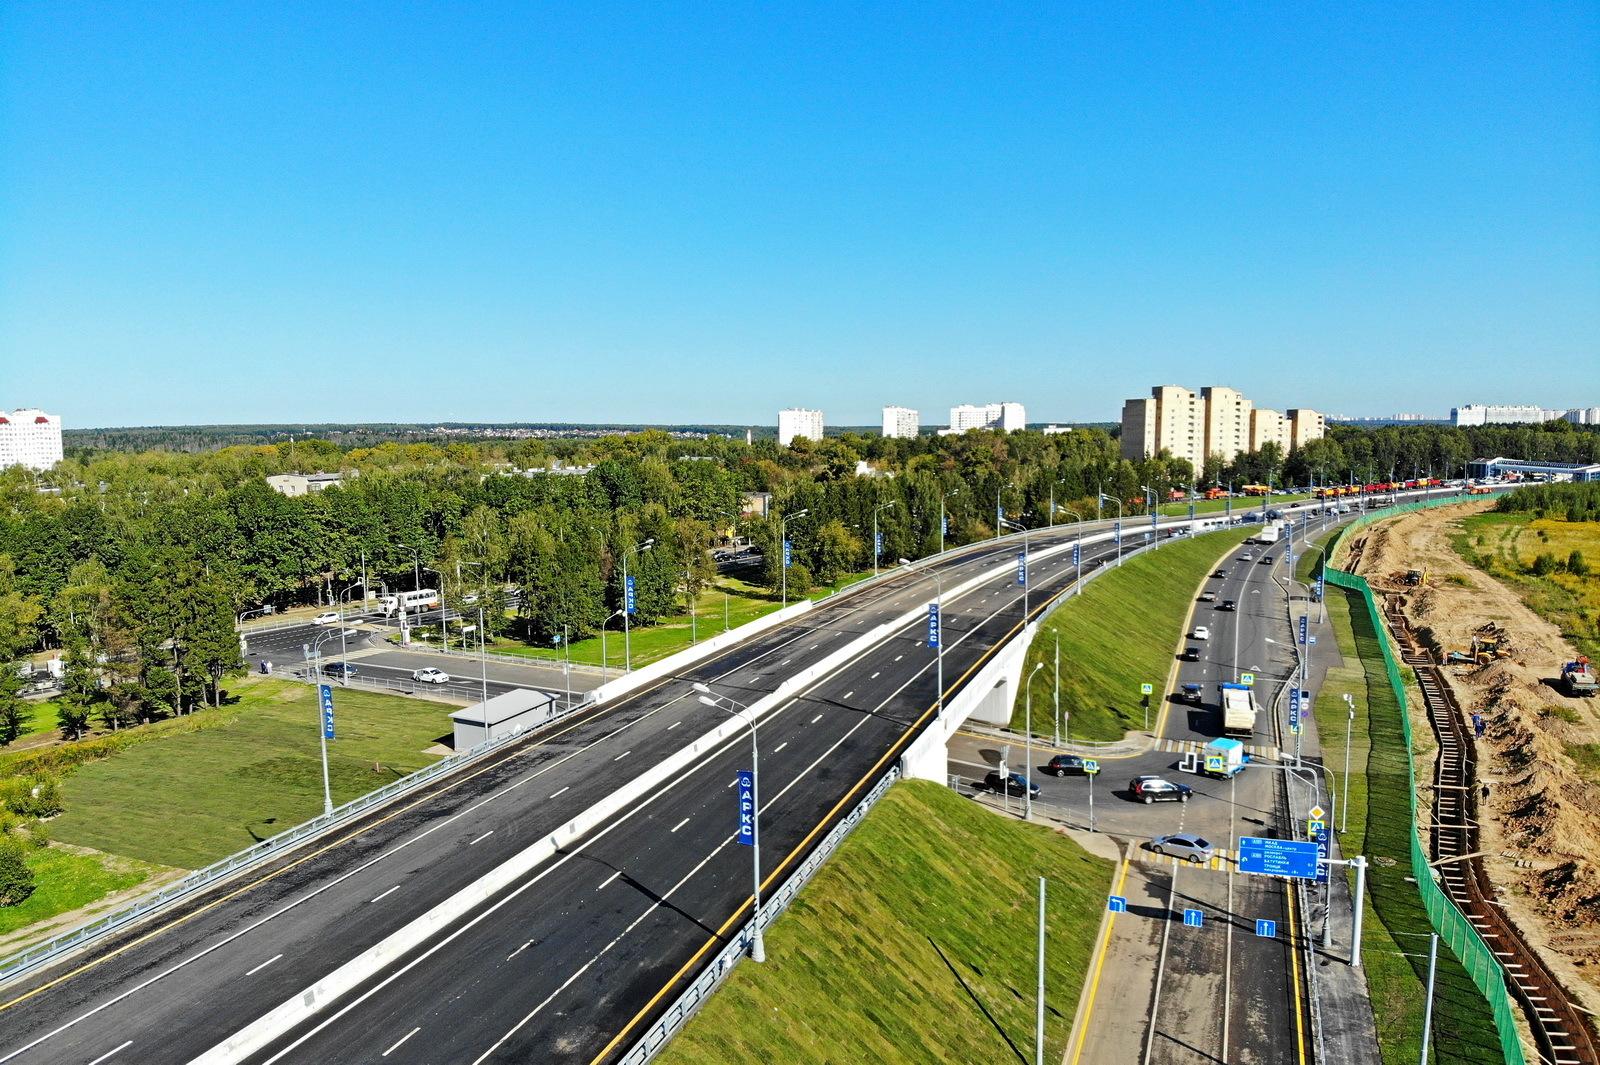 Владимир Жидкин рассказал о застройке административно-делового центра в Коммунарке